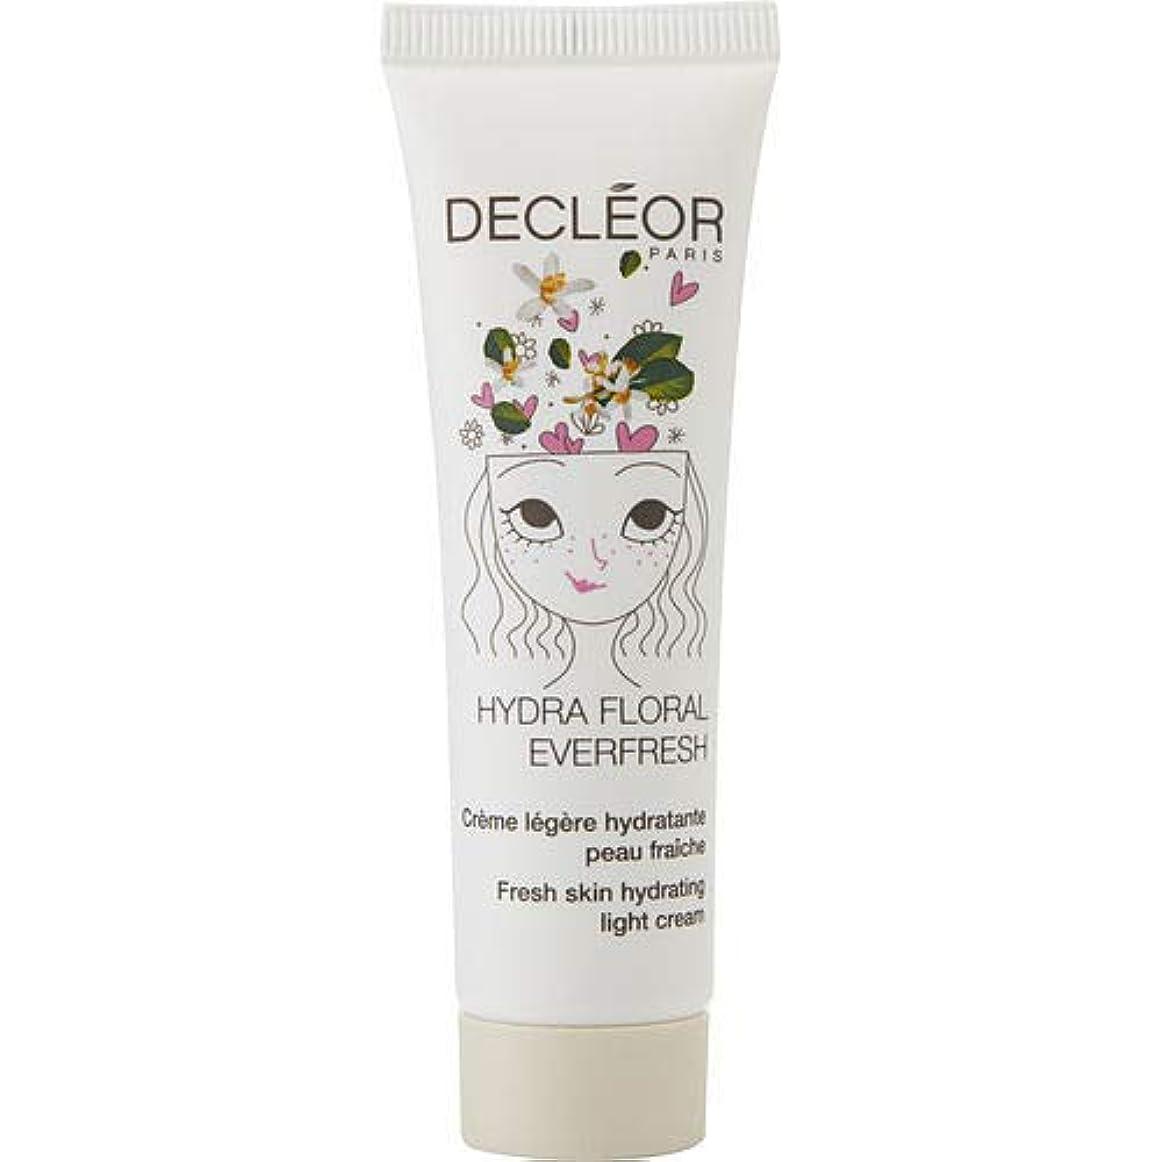 評判リレー人工的なデクレオール Hydra Floral Everfresh Fresh Skin Hydrating Light Cream - For Dehydrated Skin 30ml/1oz並行輸入品